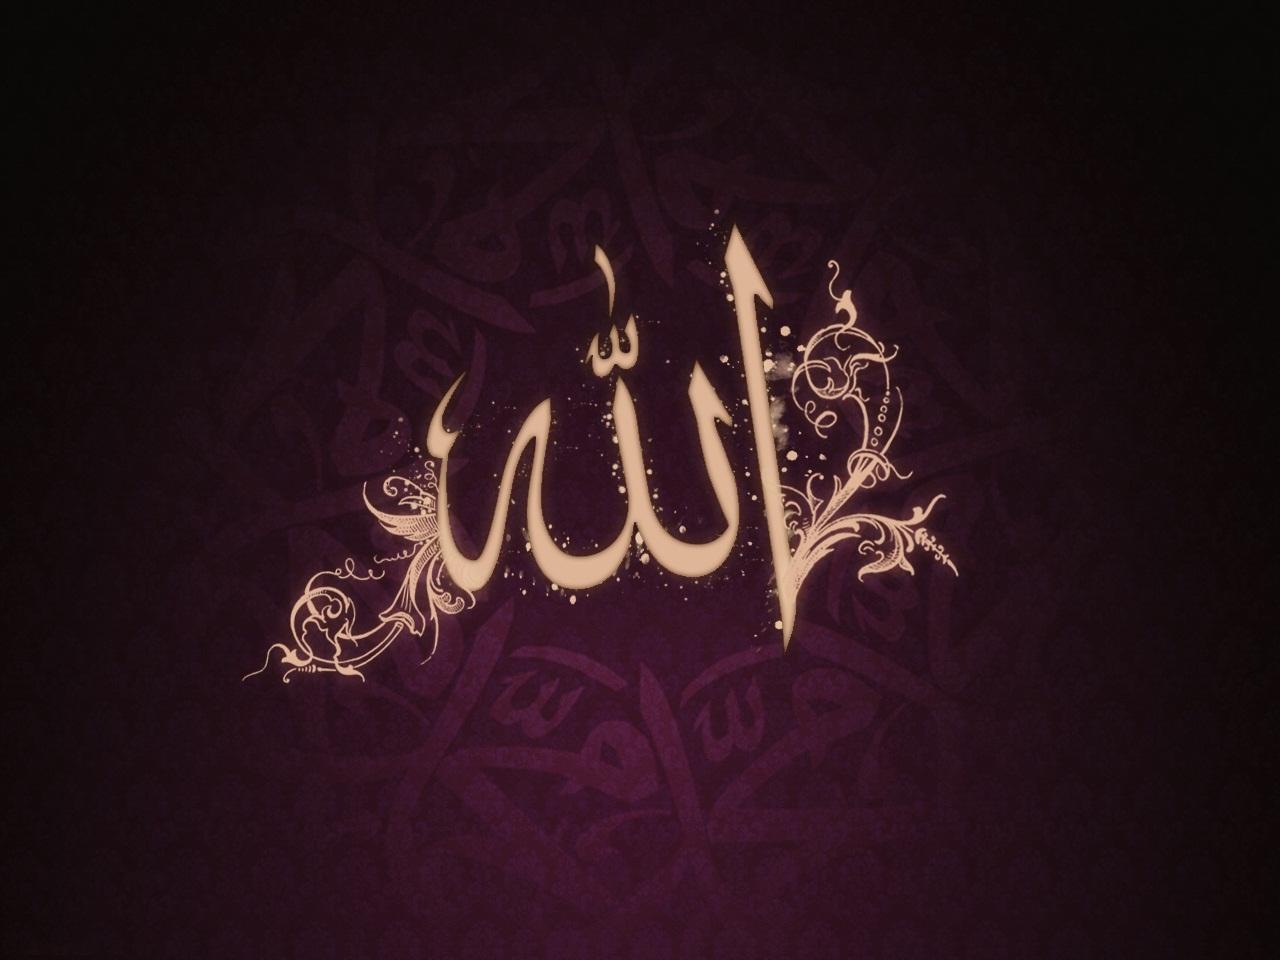 Картинки исламские с надписью аллах, поздравление картинка